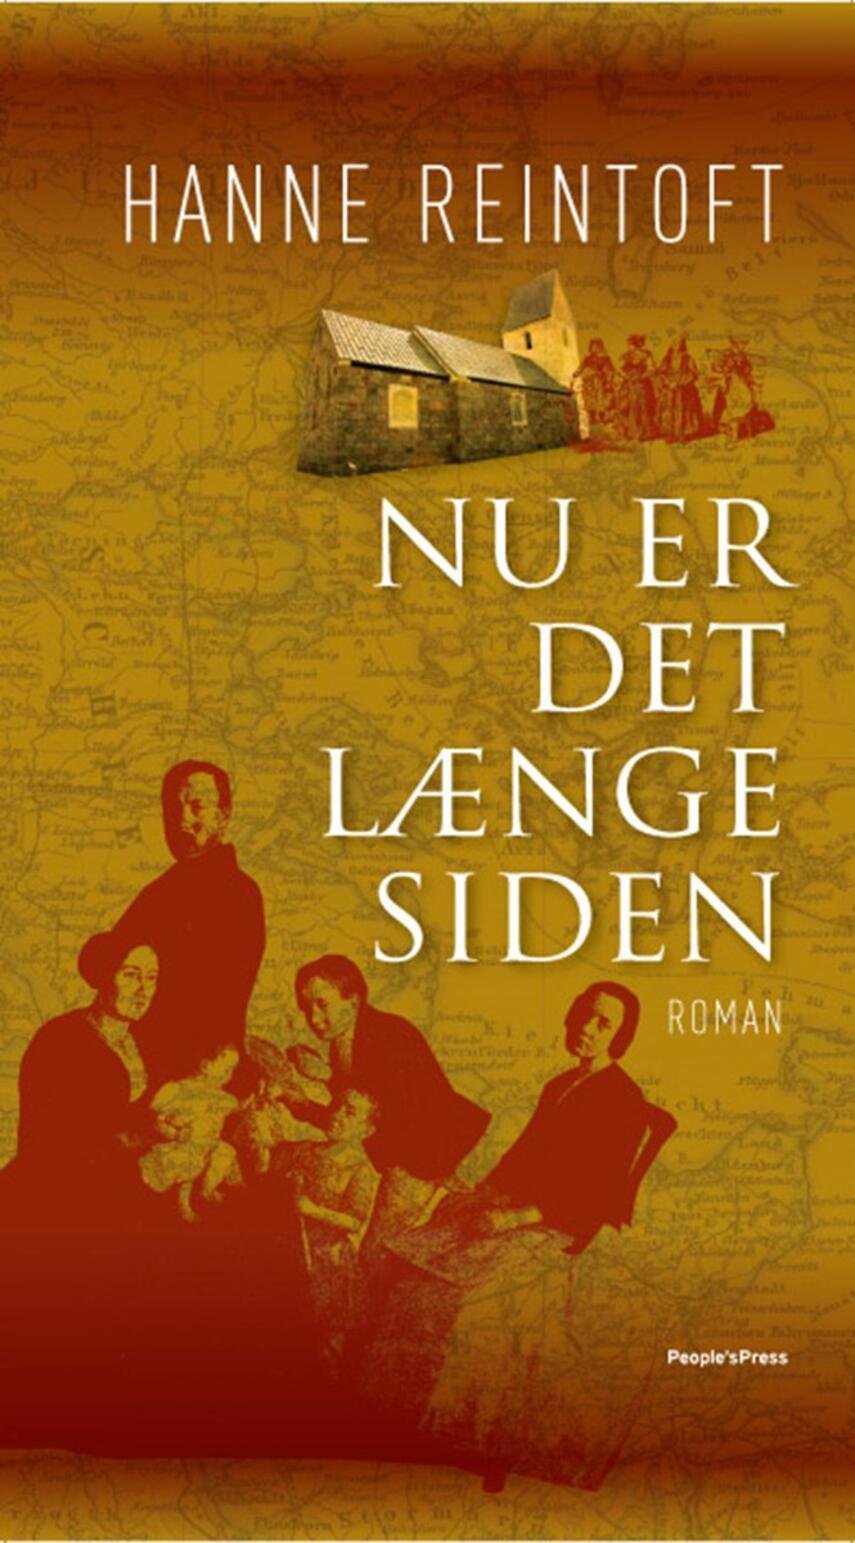 Hanne Reintoft: Nu er det længe siden : roman